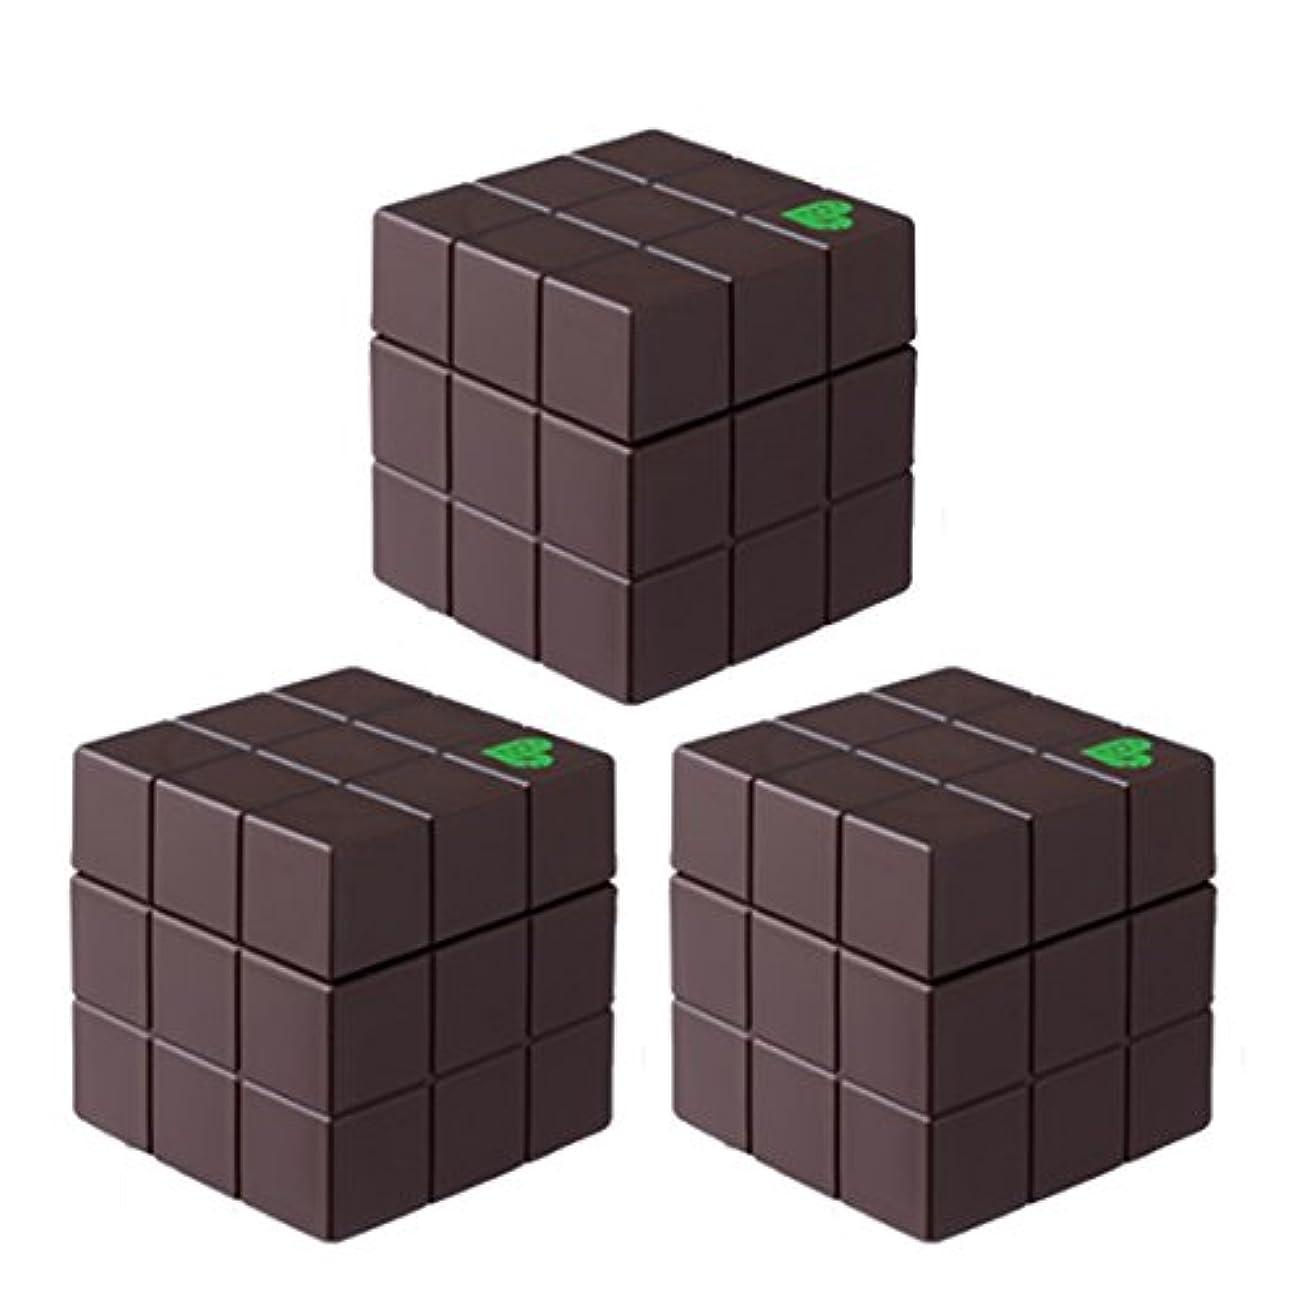 ヘア考え式【X3個セット】 アリミノ ピース プロデザインシリーズ ハードワックス チョコ 80g ARIMINO